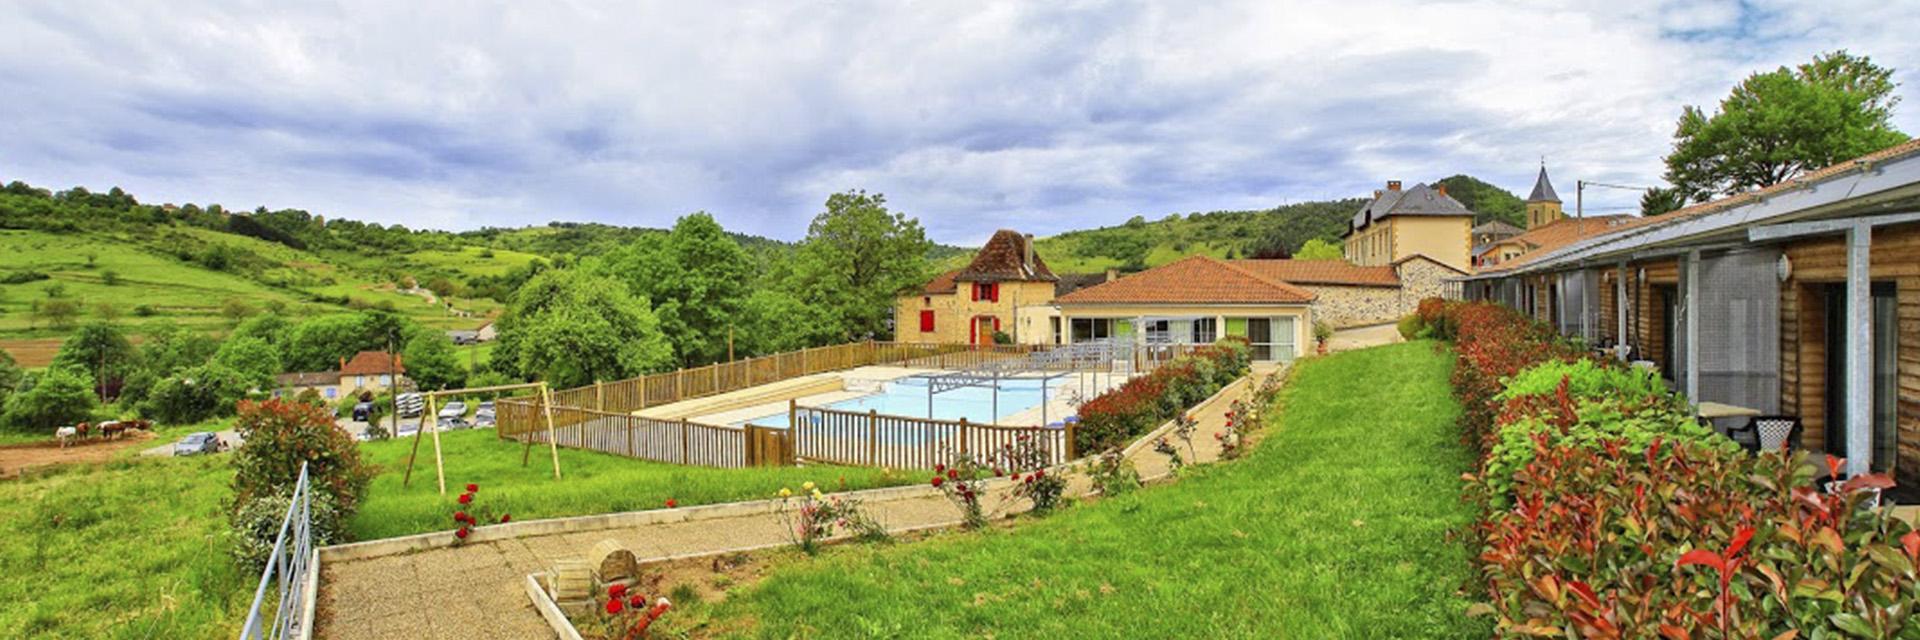 Entre Quercy et Périgord - Terrou